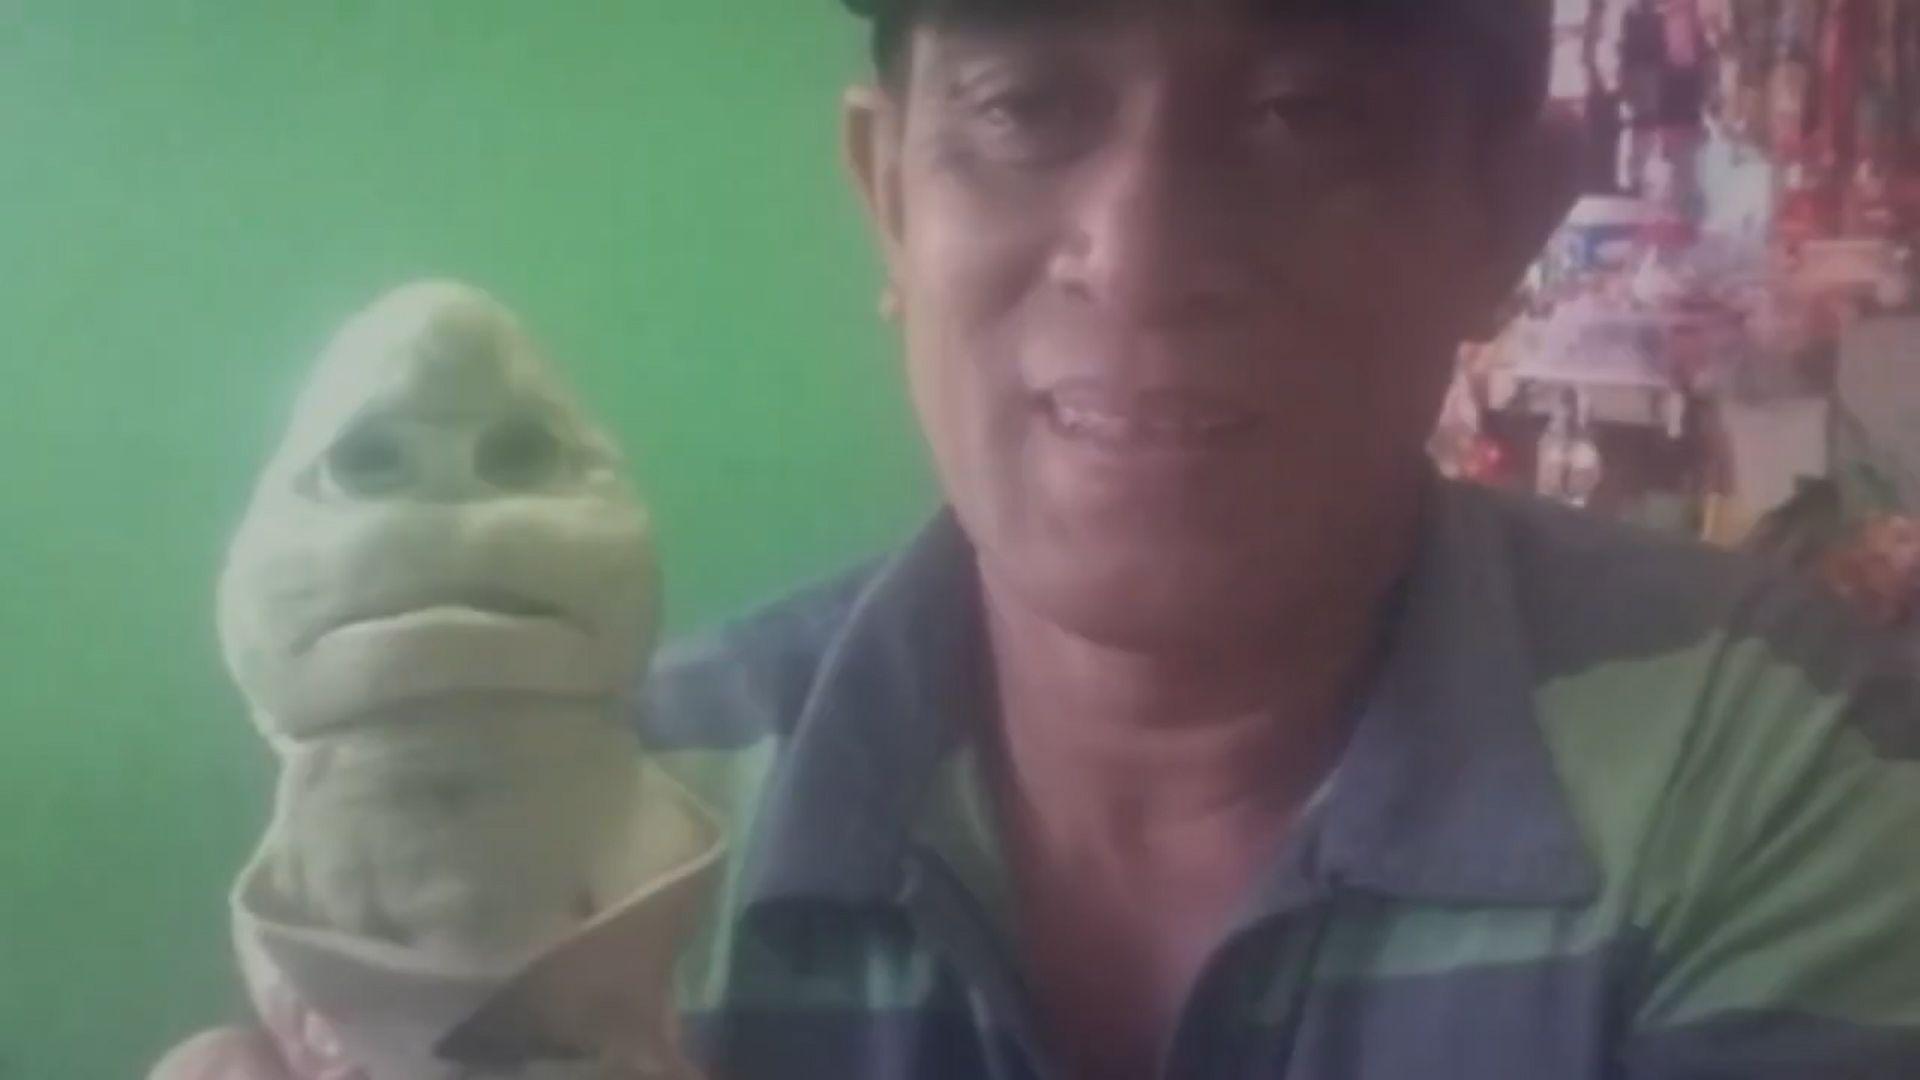 pez - humano - indonesia - 23022021